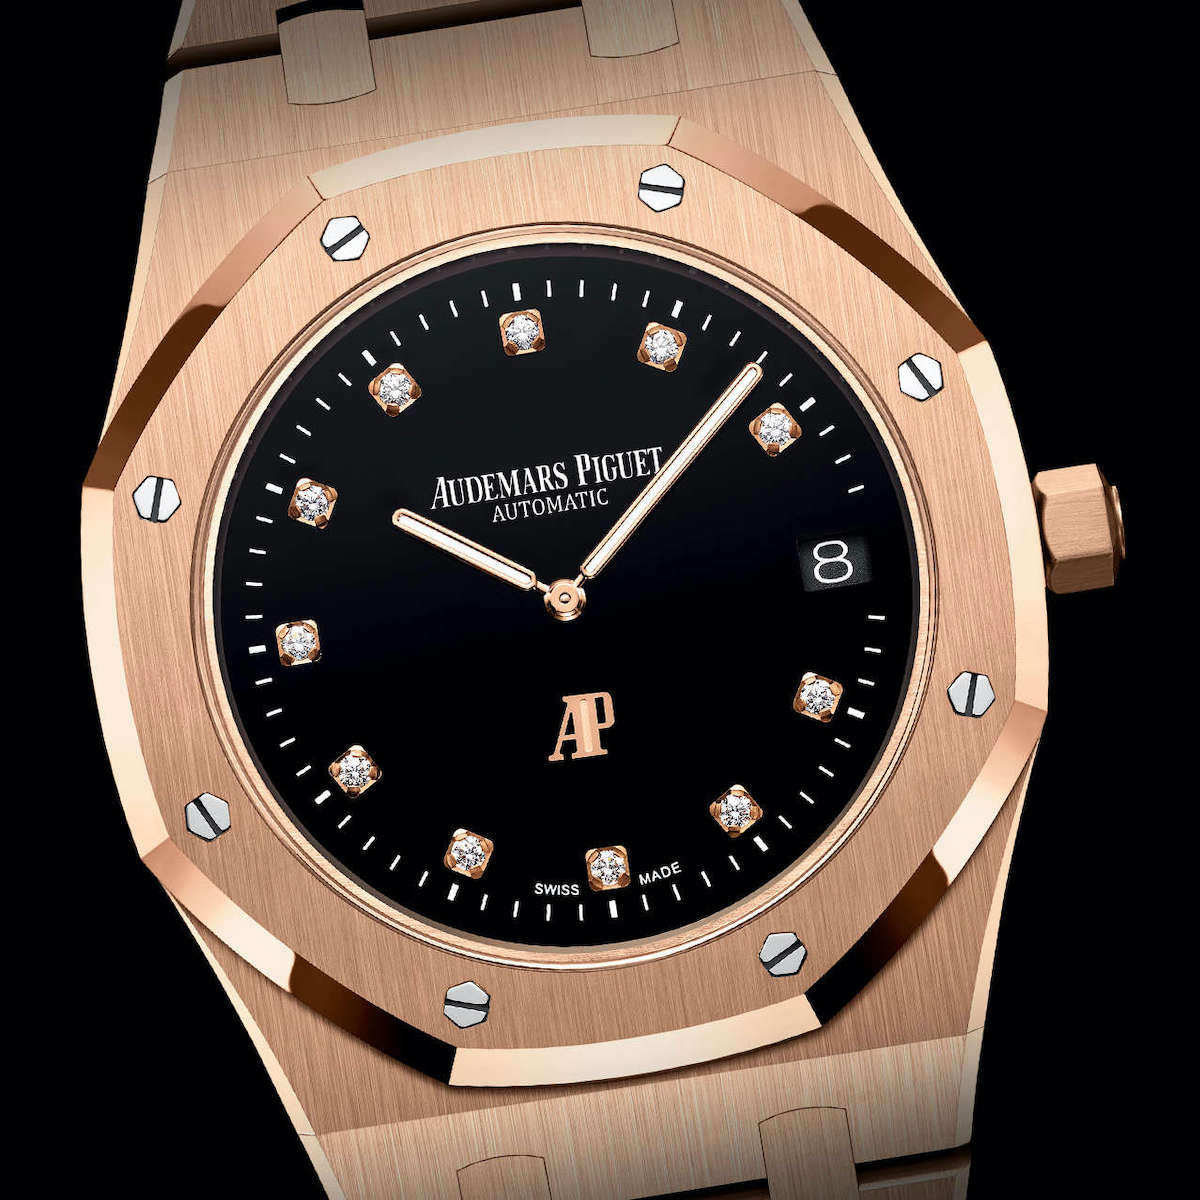 Audemars Piguet Royal Oak Jumbo Extra-Thin Yoshida Pink Gold Diamond Dial 15207OR